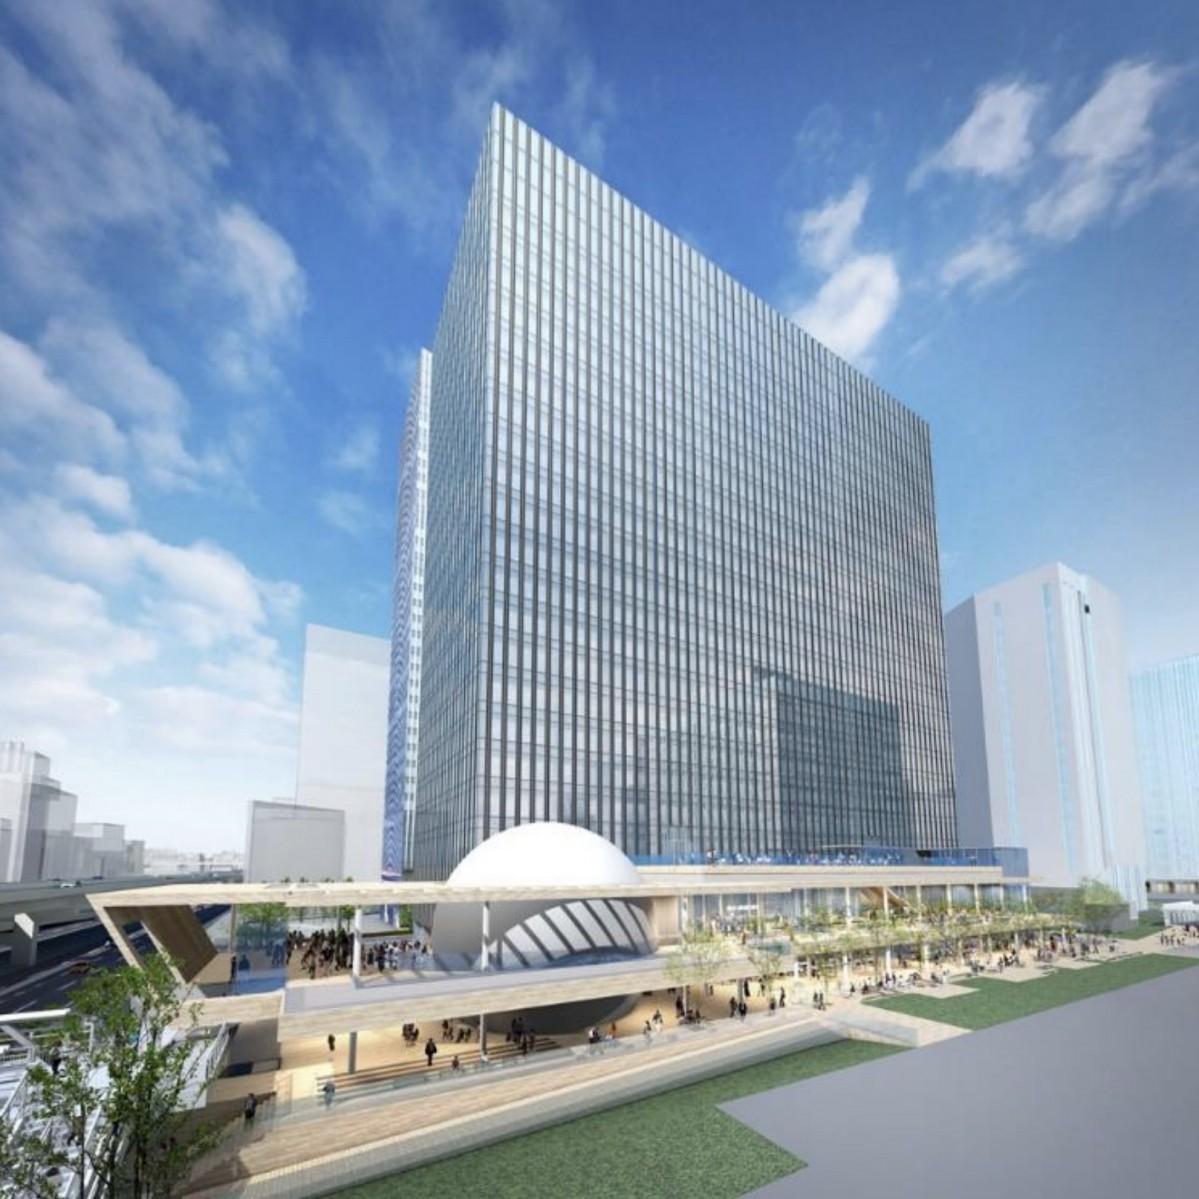 「横濱ゲートタワー」完成イメージ(出典:鹿島建設プレスリリース、2019年4月3日)